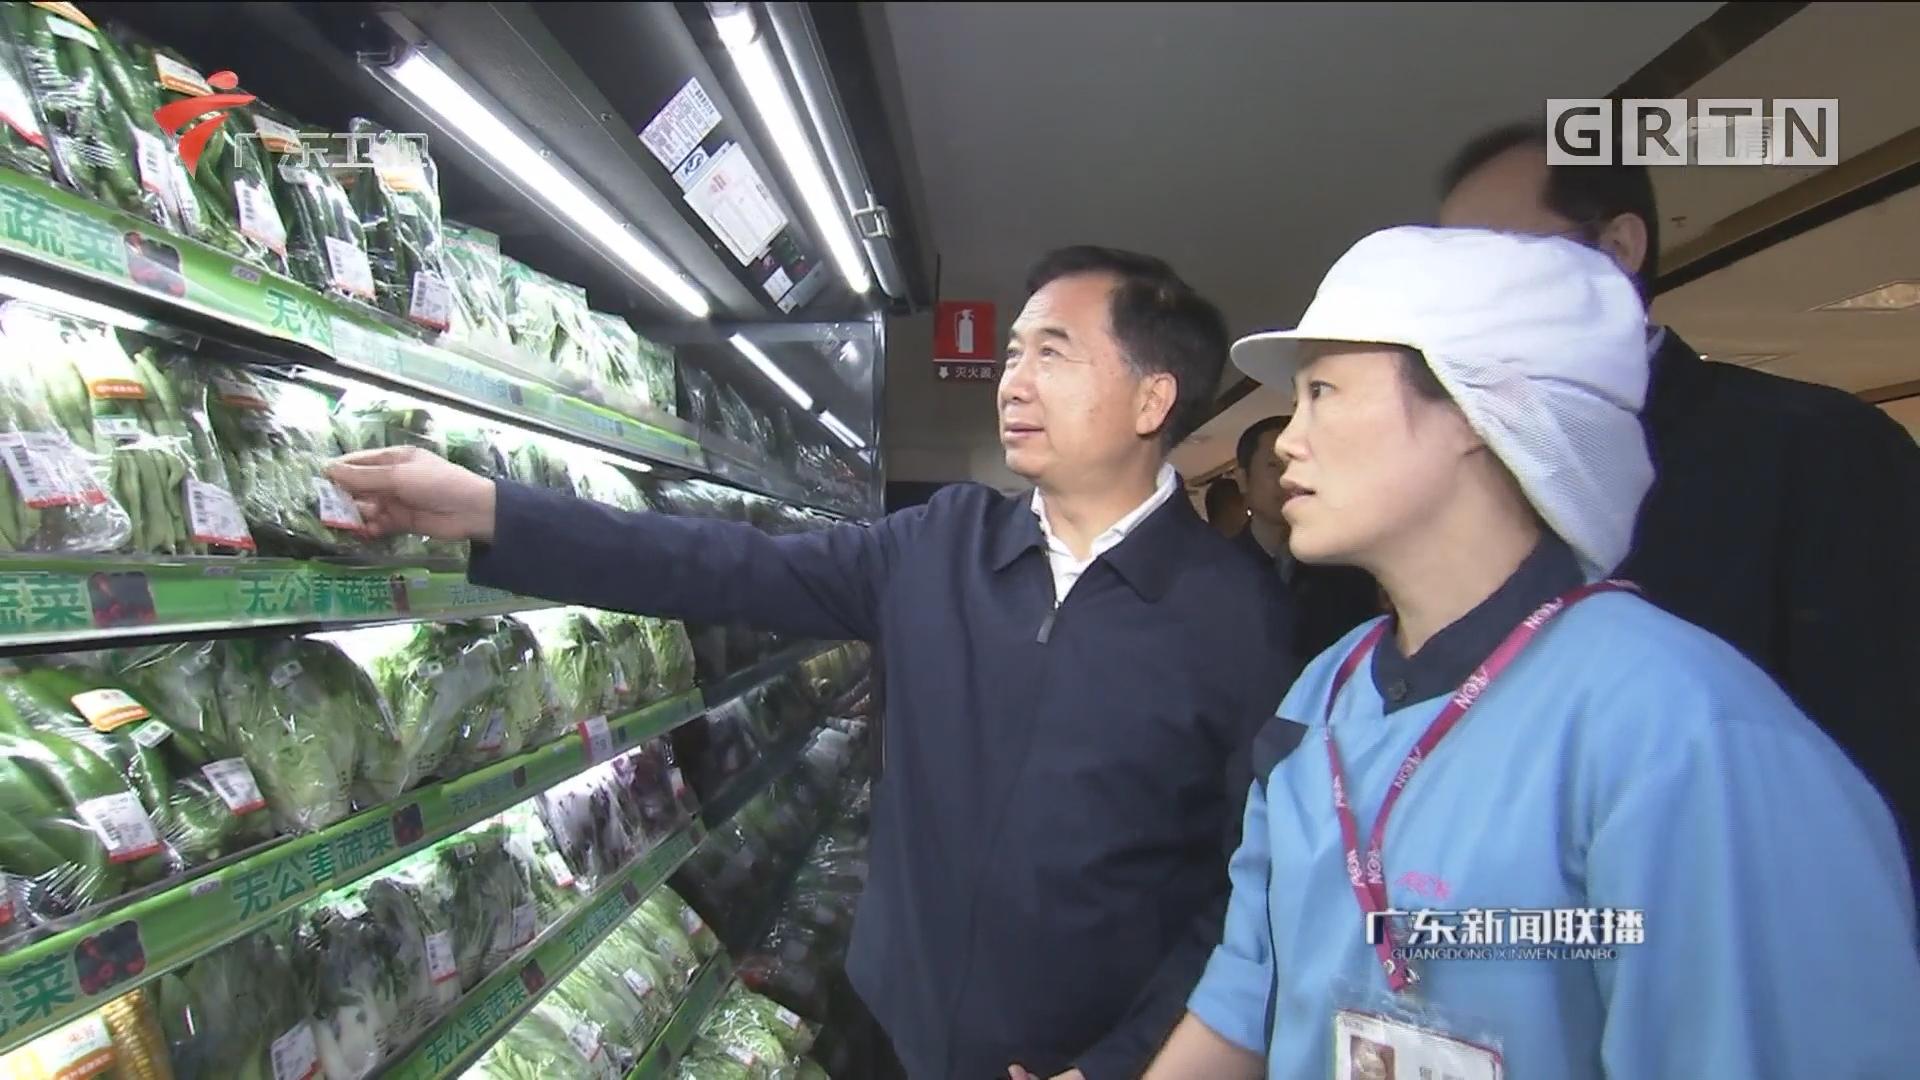 李希赴广州开展安全生产检查 扎实做好安全生产各项工作 确保人民群众生命财产安全